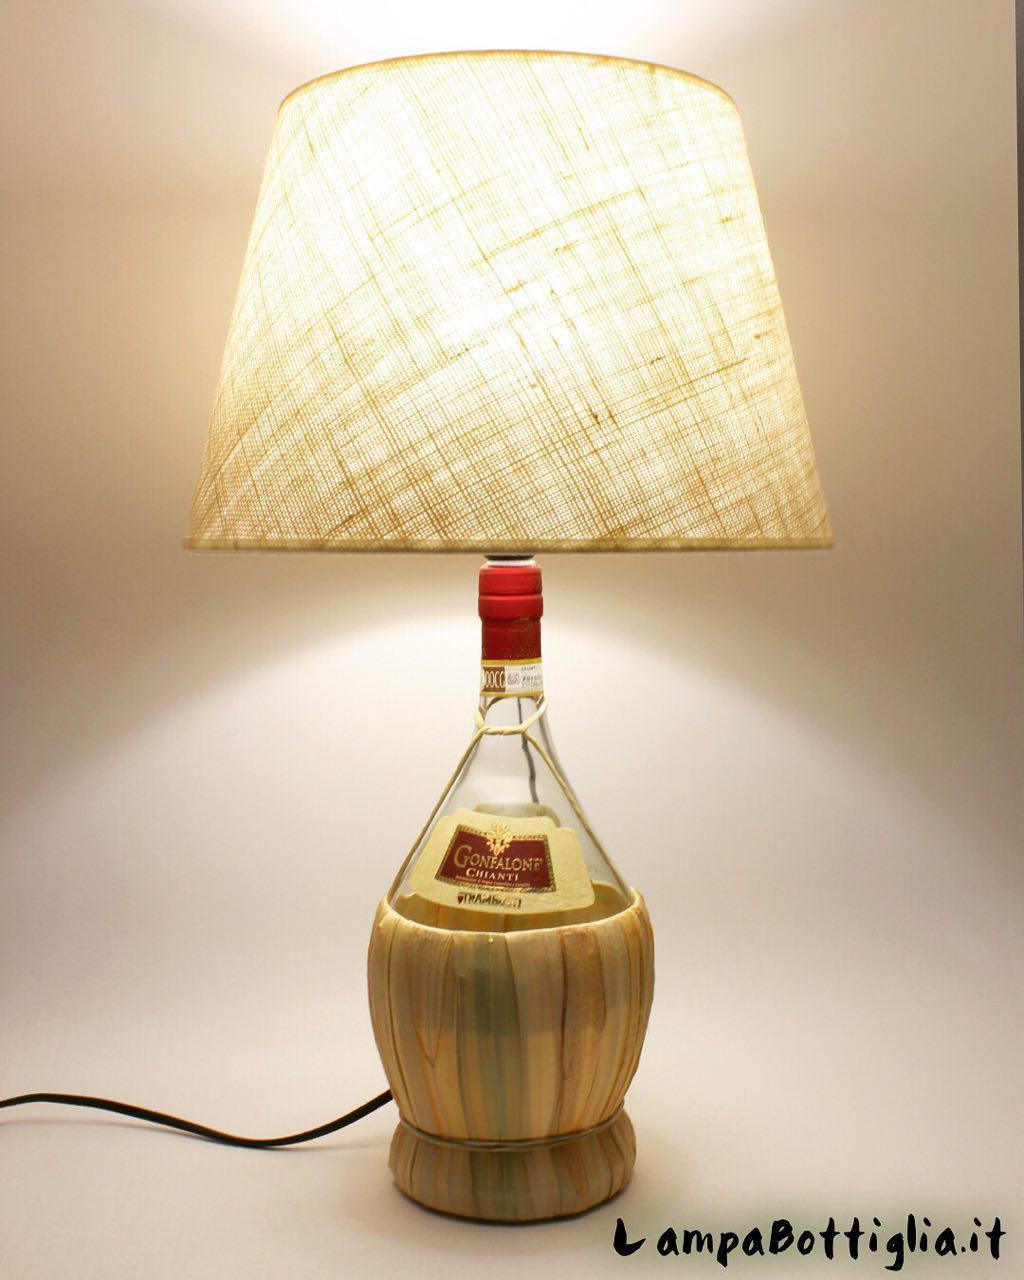 Lampadari Con Bottiglie Di Vetro come fare una lampada: trasformare una bottiglia di vetro